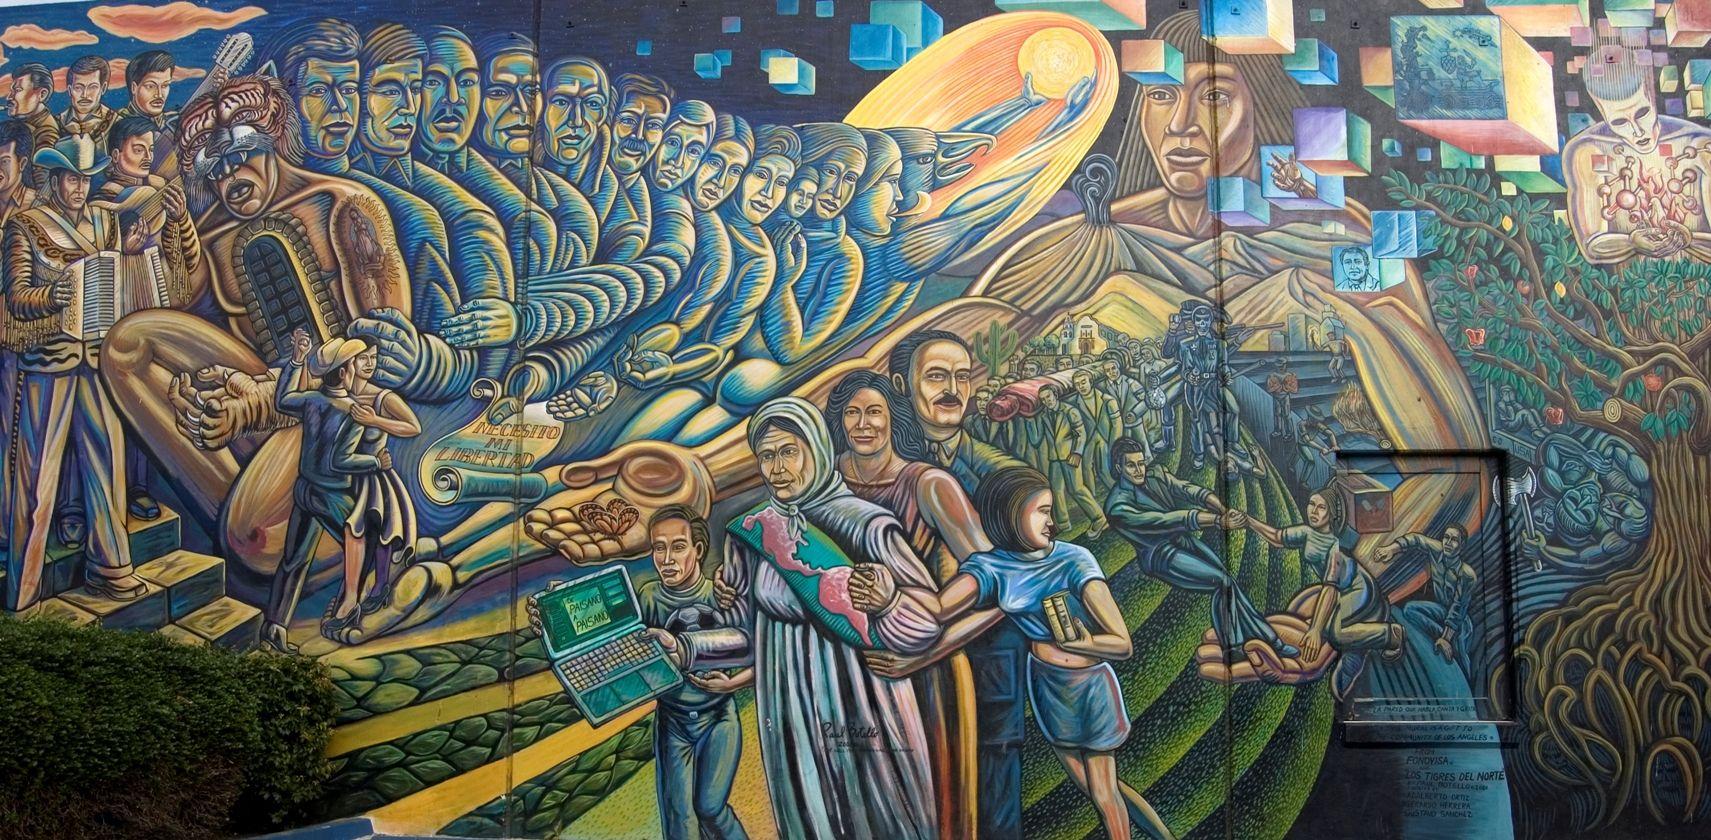 Denver Airport Wall Murals La Pared Que Habla Canta Y Grita Los Angeles Csu